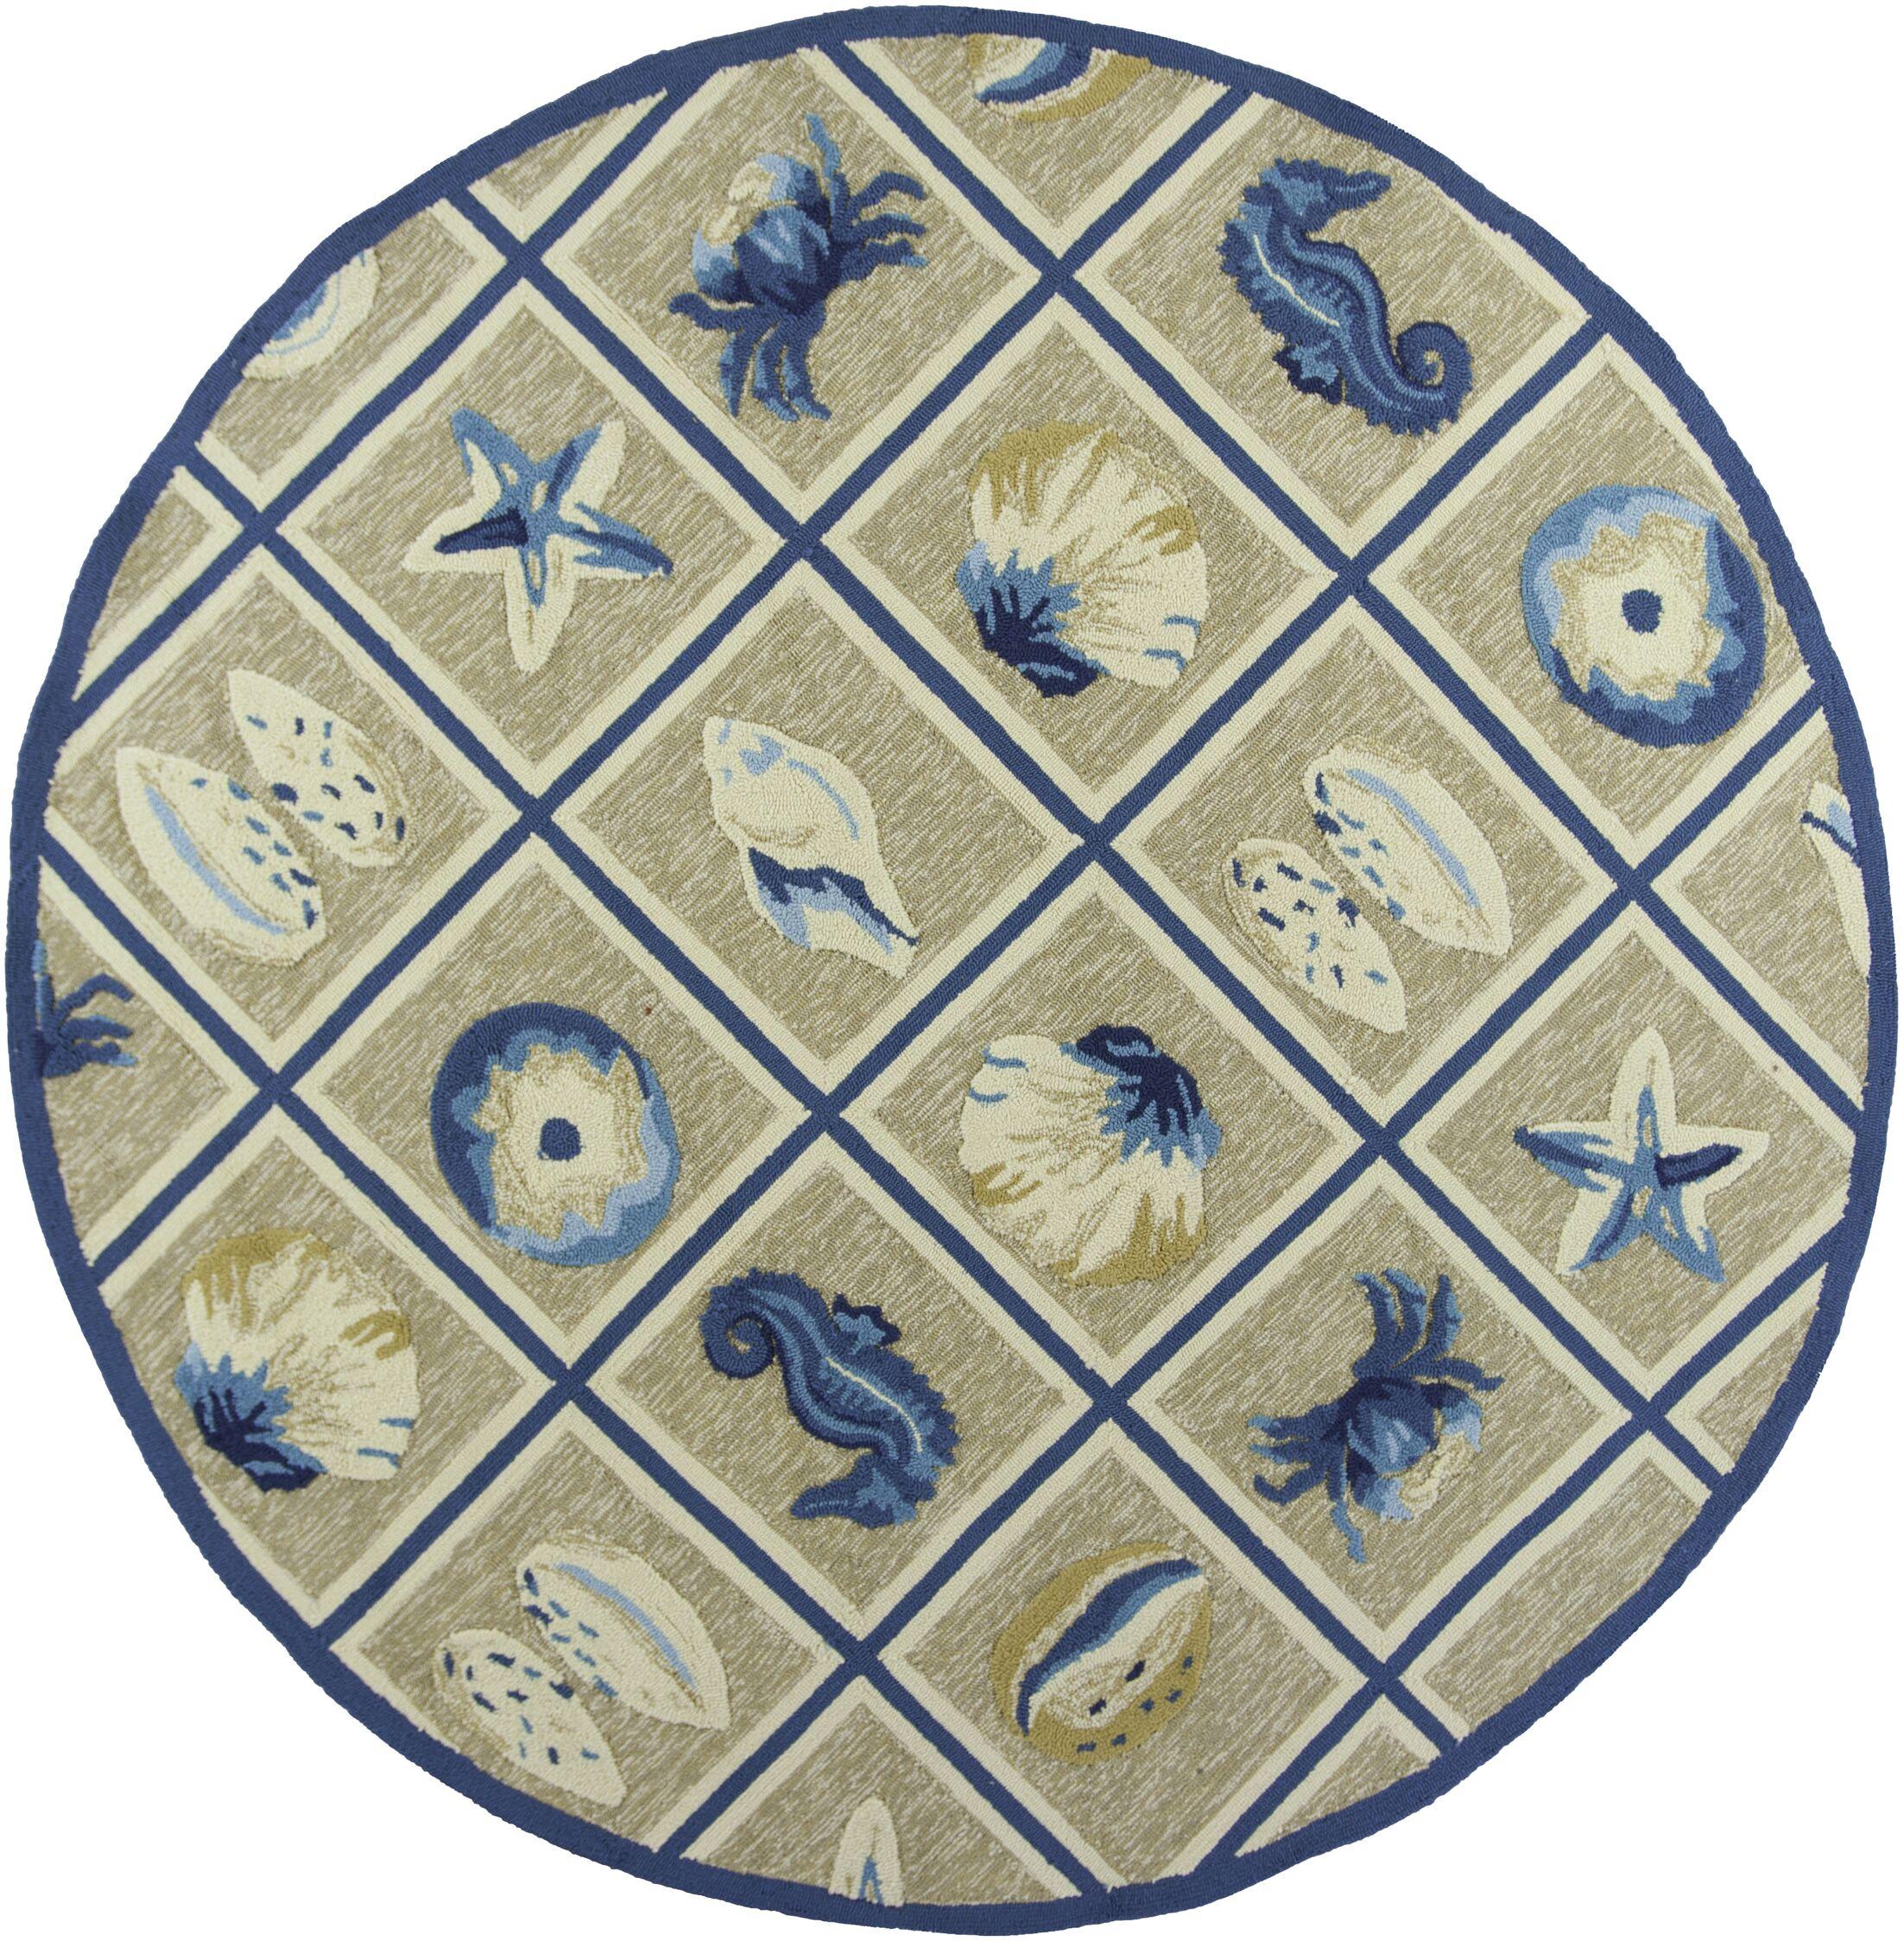 Oceane Oceana Outdoor Rug Rug Size: Rectangle 5' x 7'6